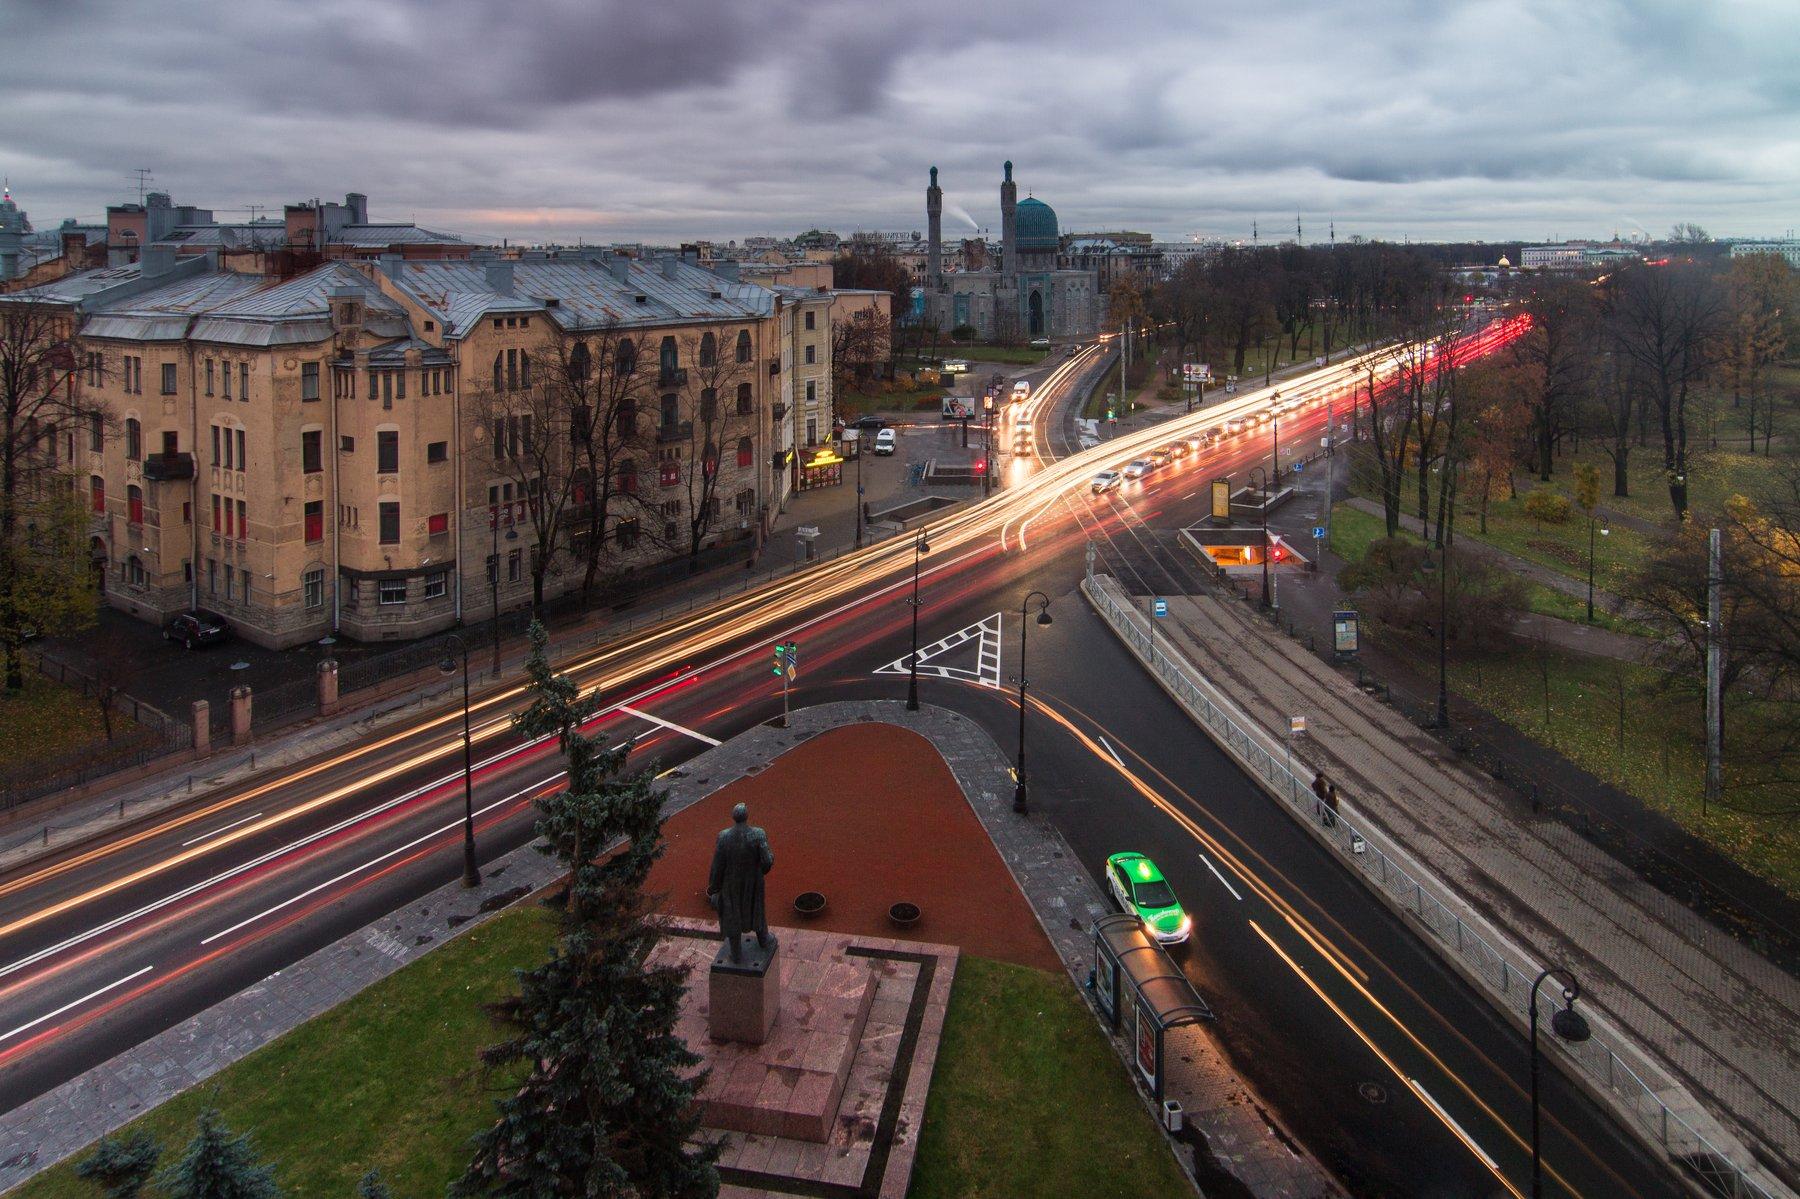 петербург, санкт-петербург, городской пейзаж, россия, Креймер Мария